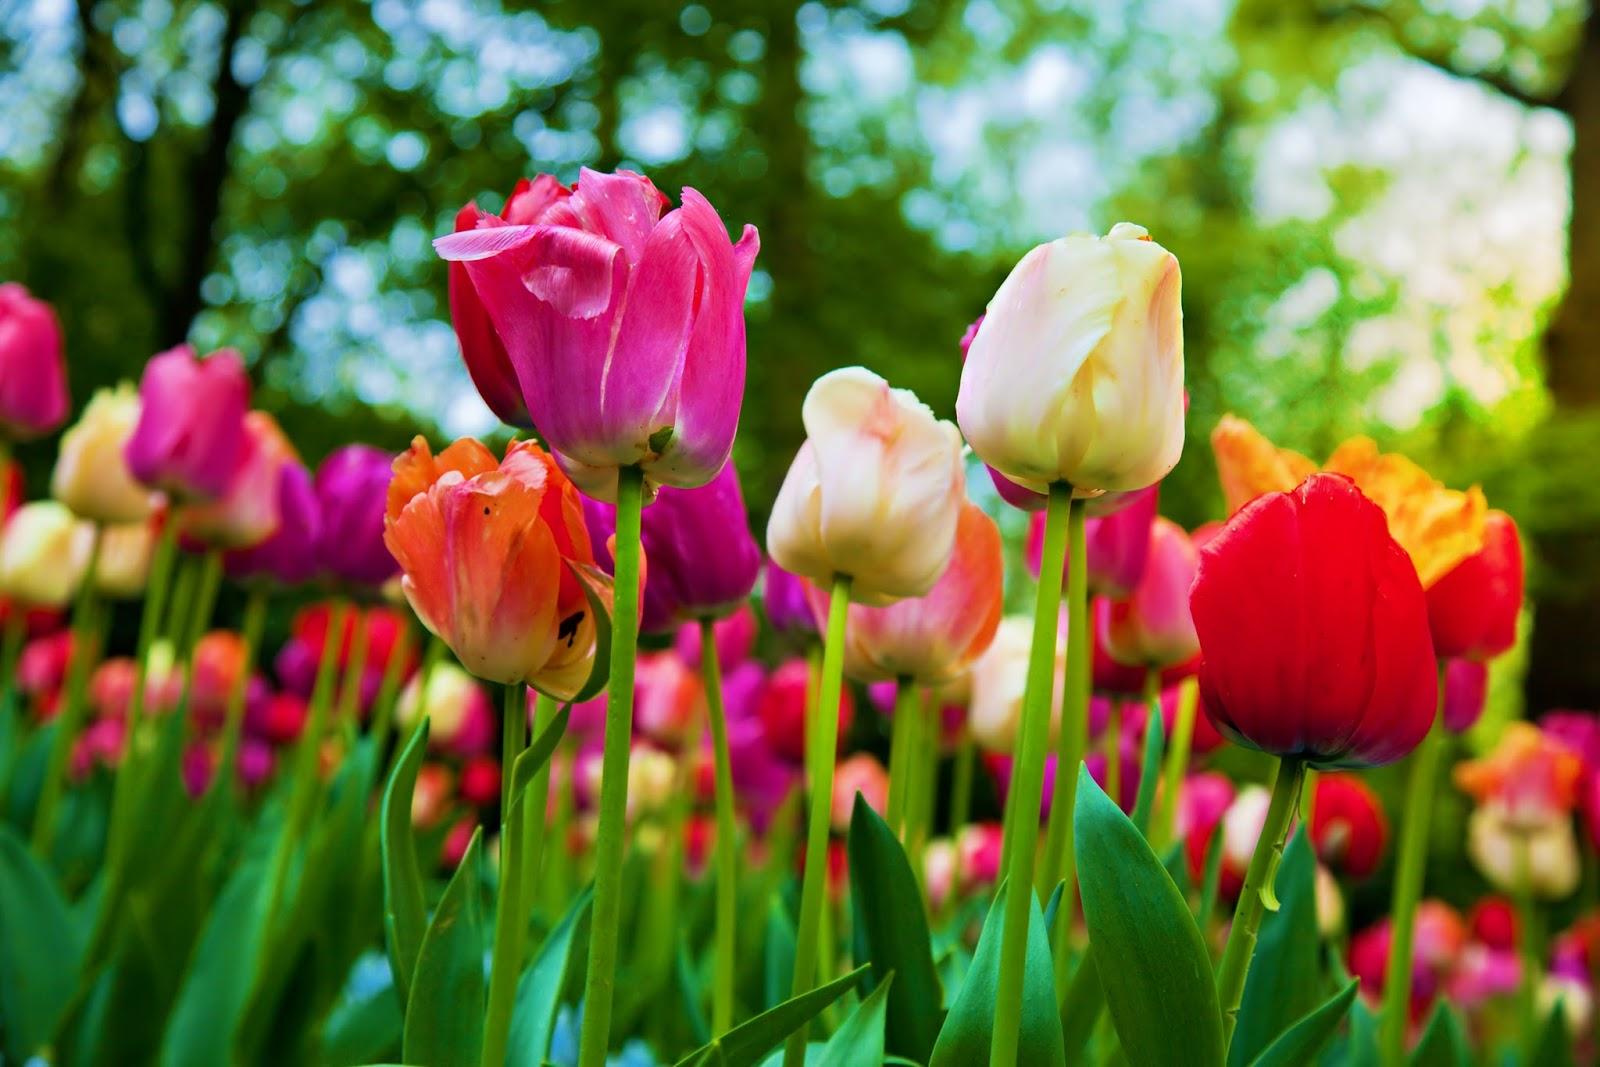 BANCO DE IMÁGENES: 20 fotos gratis de rosas, tulipanes y arreglos ...